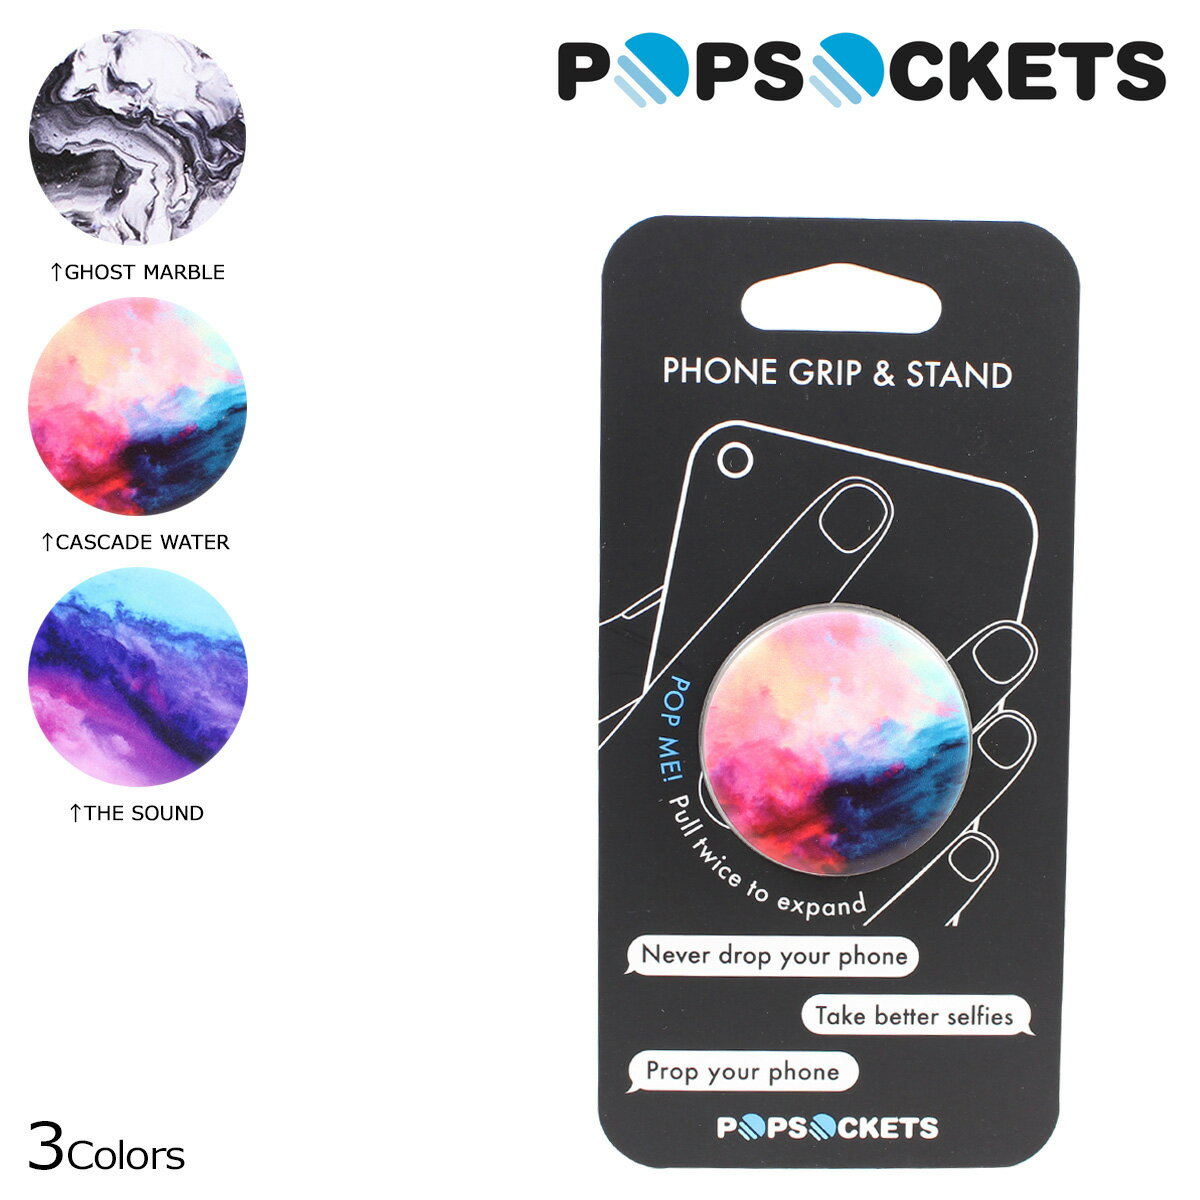 ポップソケッツ POP SOCKETS iPhone8 iPhone7 7Plus 6s スマホスタンド ジョイソケッツ JOY SOCKETS スマートフォン レディース 【ネコポス可】